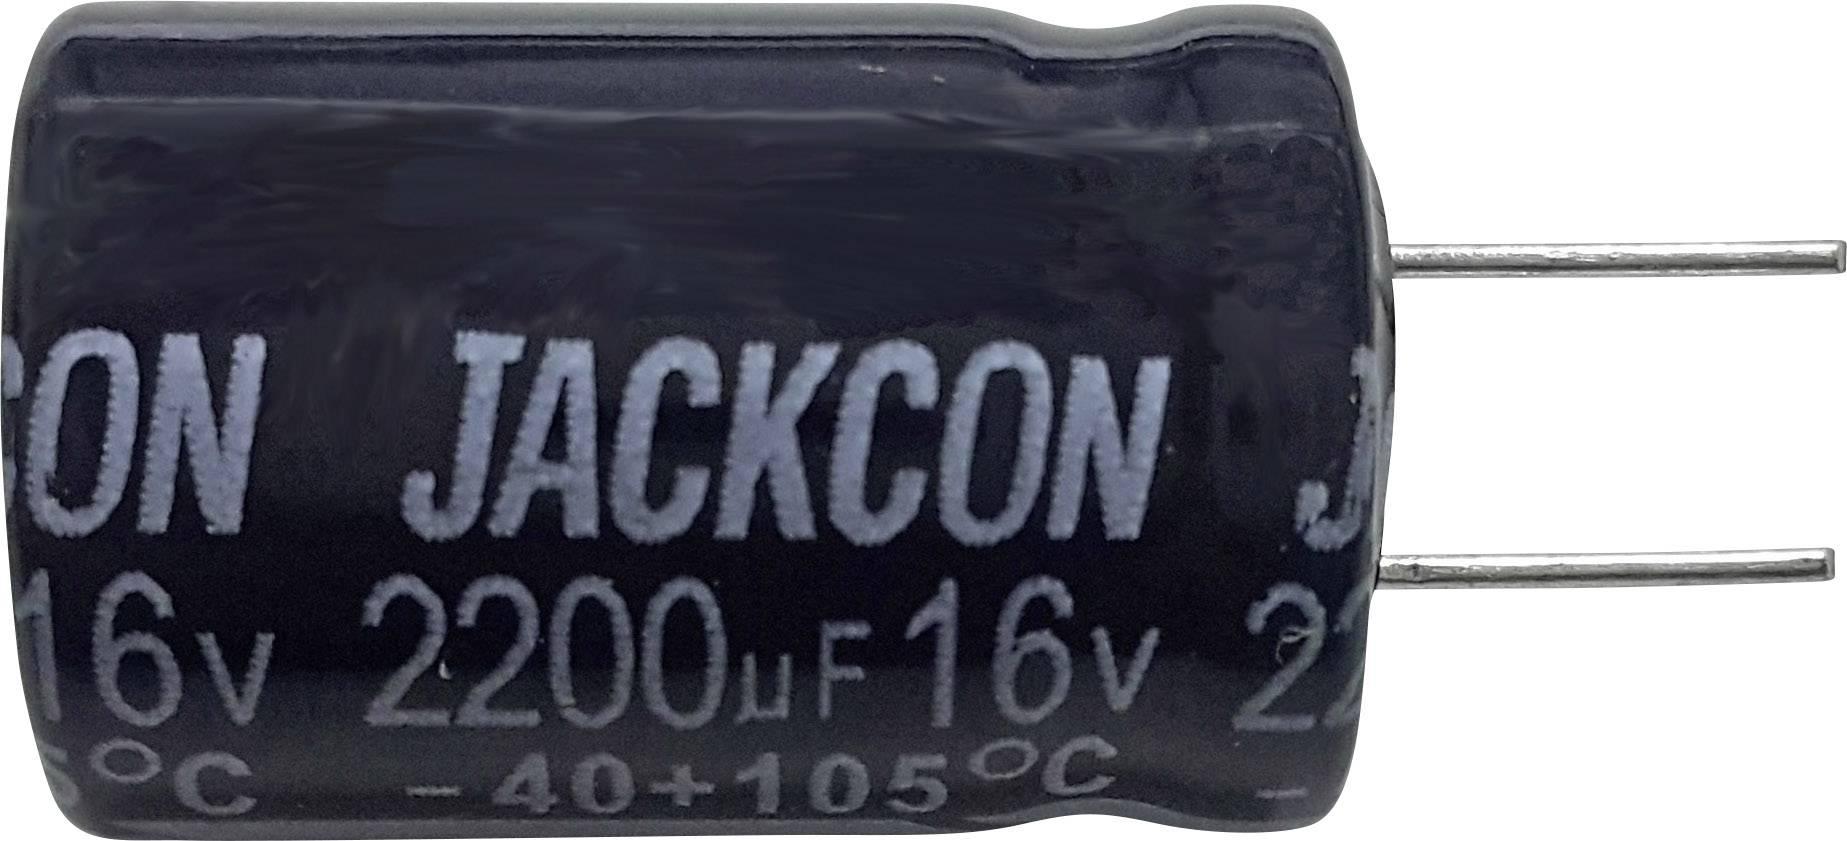 Subminiatúrny elektrolytický kondenzátor 5 mm, 470 µF, 35 V, 20 %, 1 ks